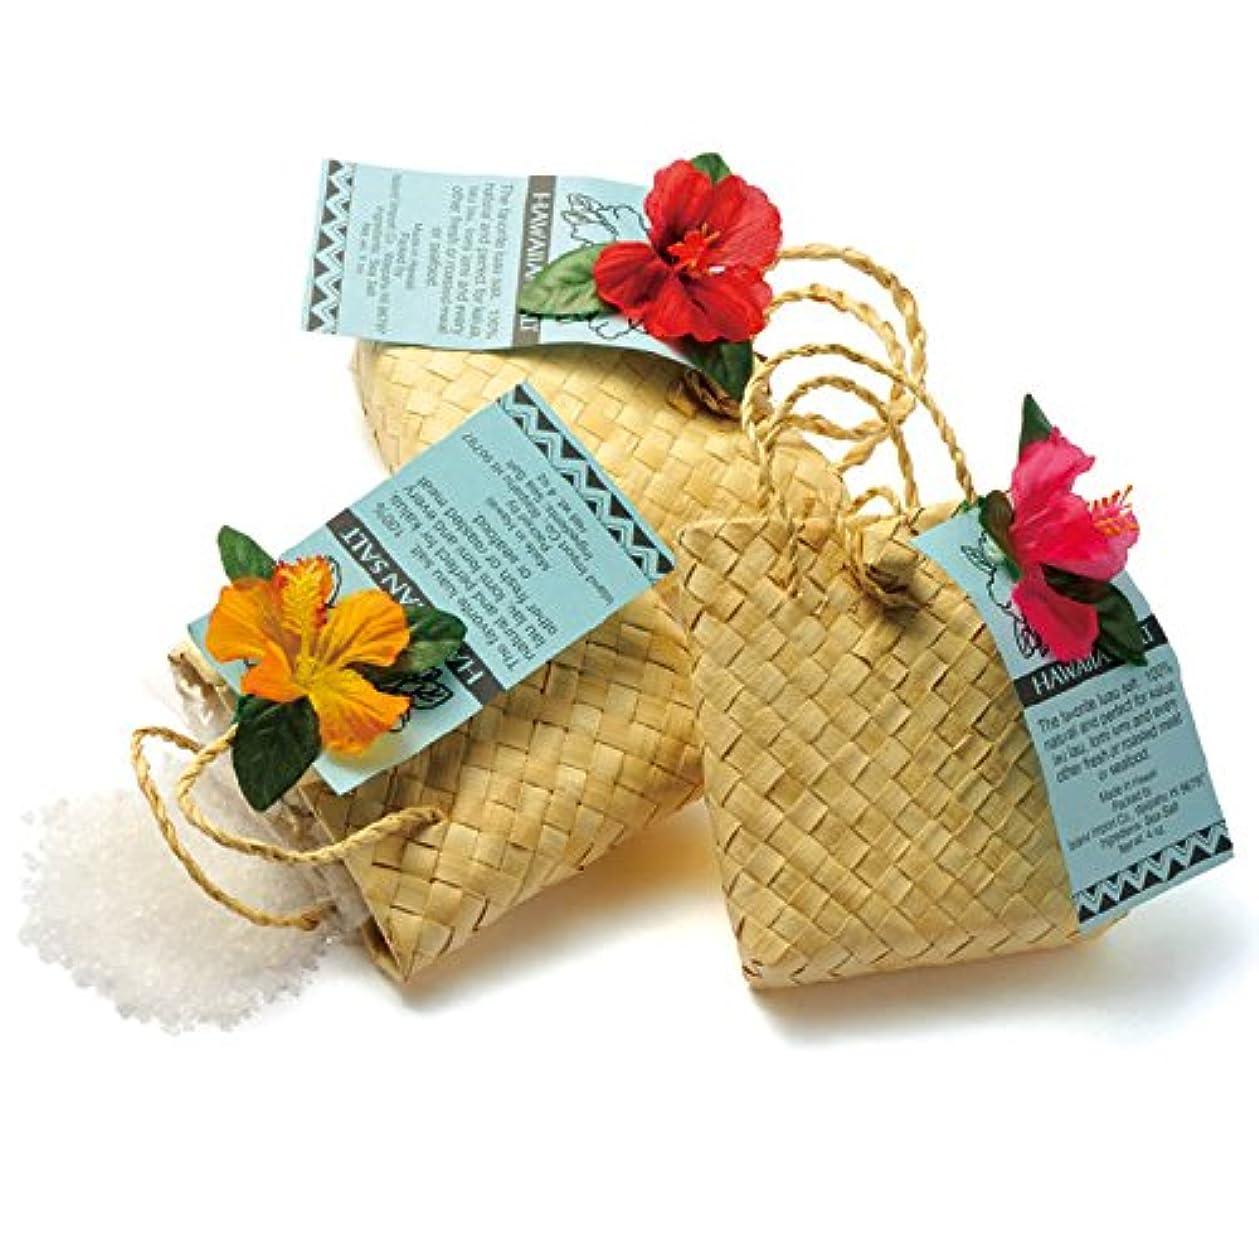 同行狂信者真珠のようなハワイ 土産 ハワイ ソルトバッグ入り 3袋セット (海外旅行 ハワイ お土産)